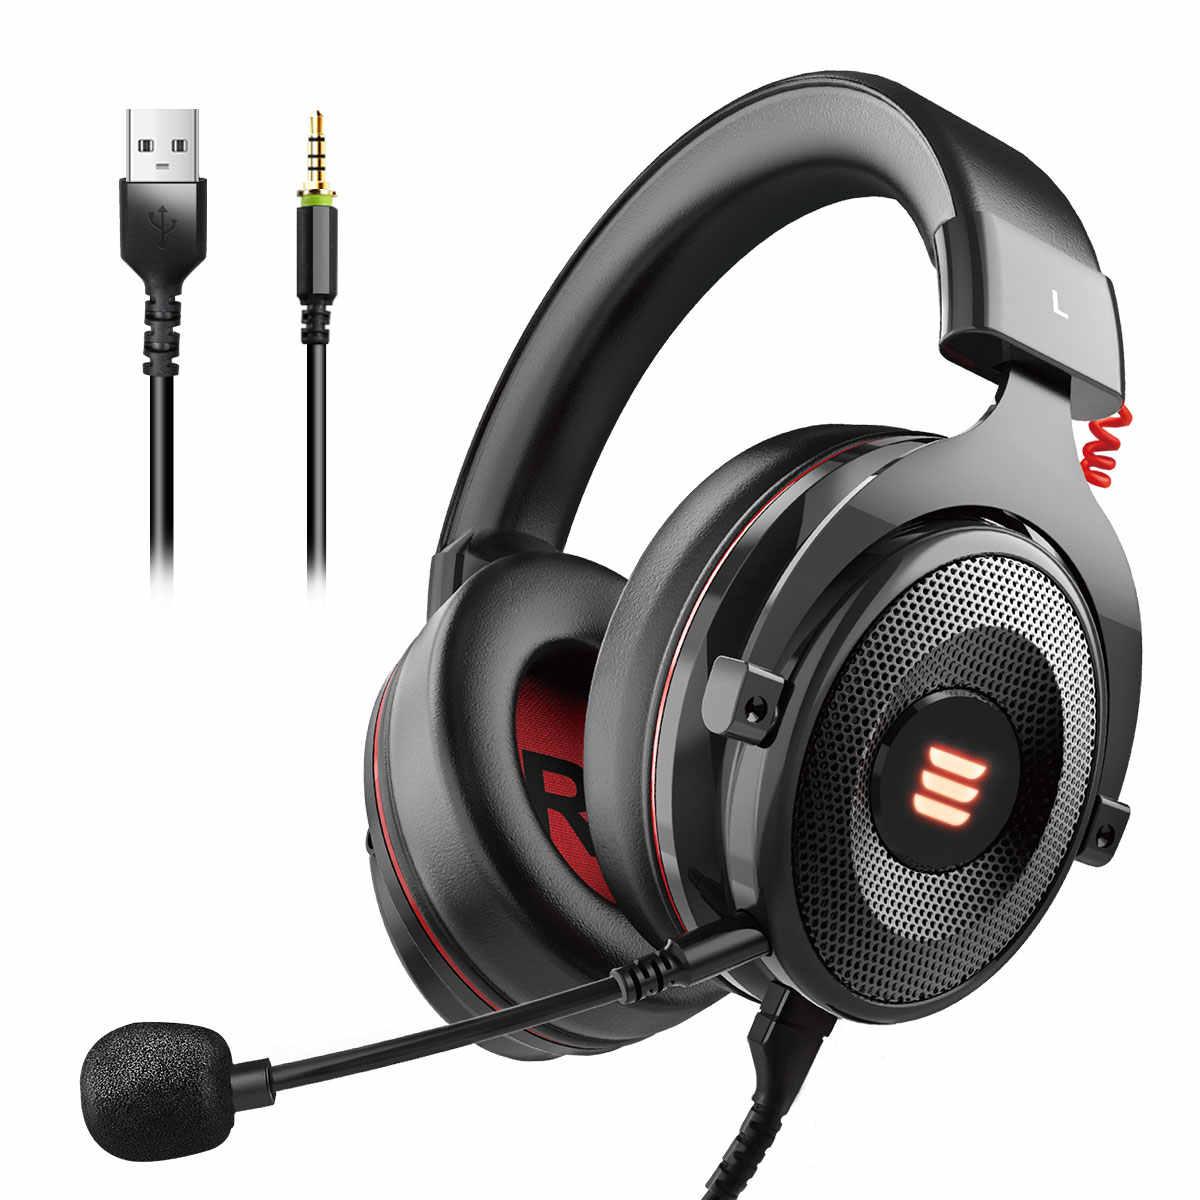 EKSA E900 Pro 2 en 1 USB virtuel 7.1/3.5mm casque de jeu professionnel avec micro commande vocale/écouteurs lumineux à LED pour PC Gamer